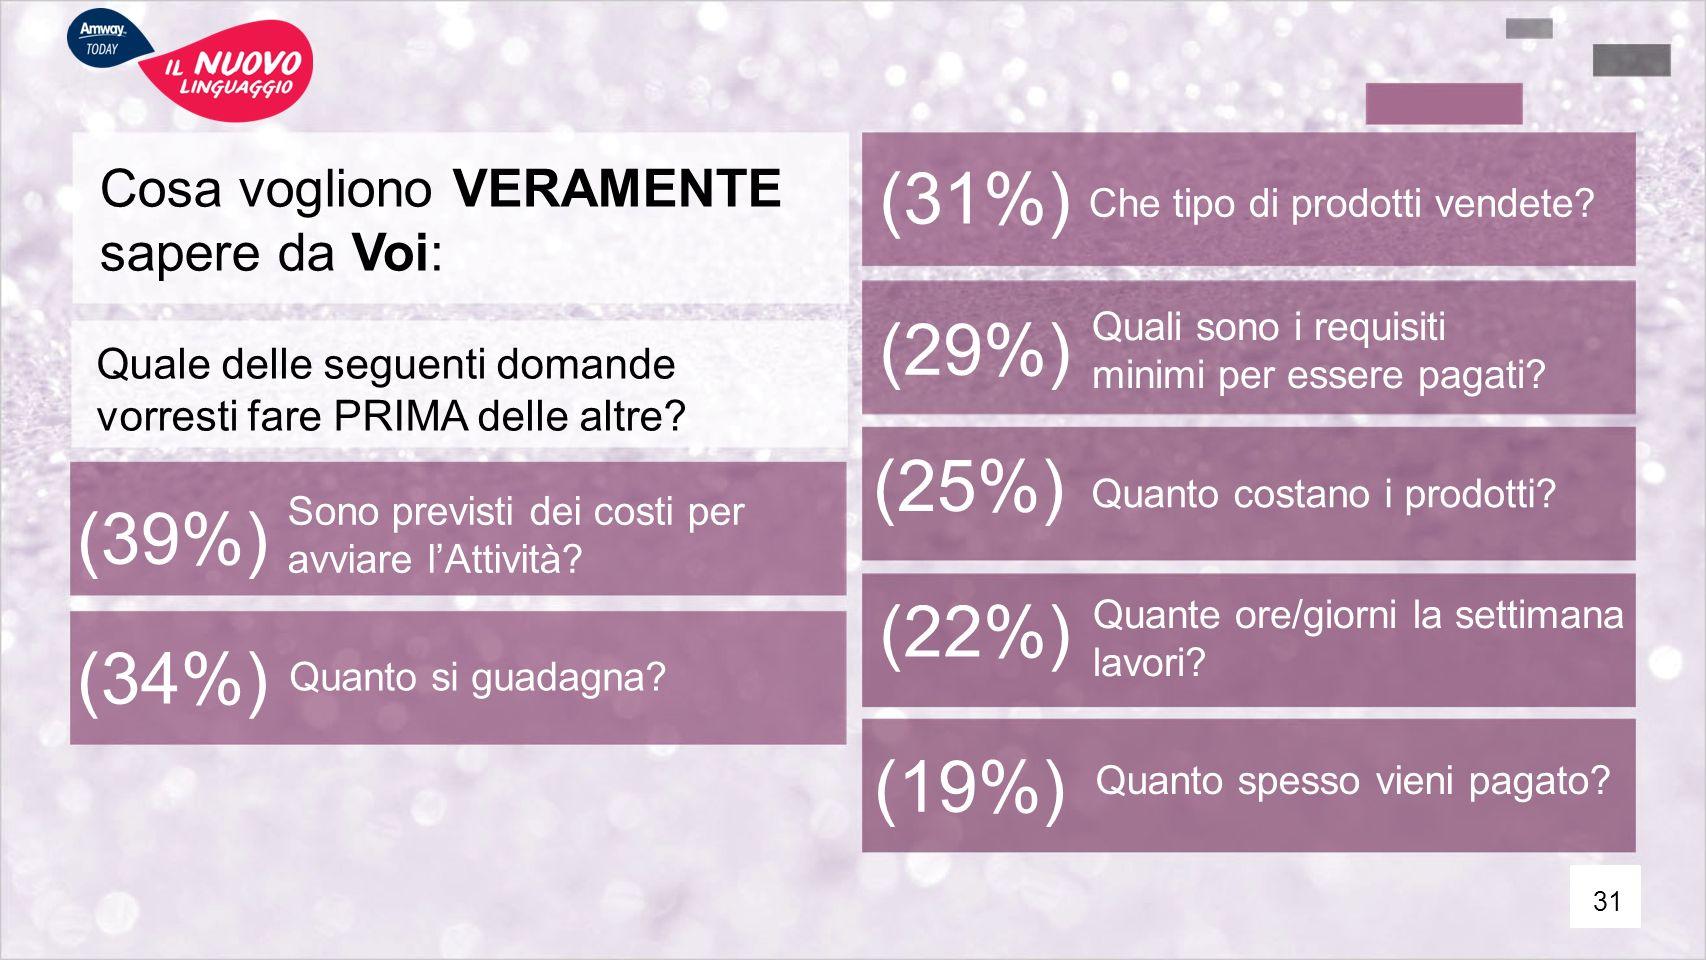 (31%) (29%) (25%) (39%) (22%) (34%) (19%) Cosa vogliono VERAMENTE